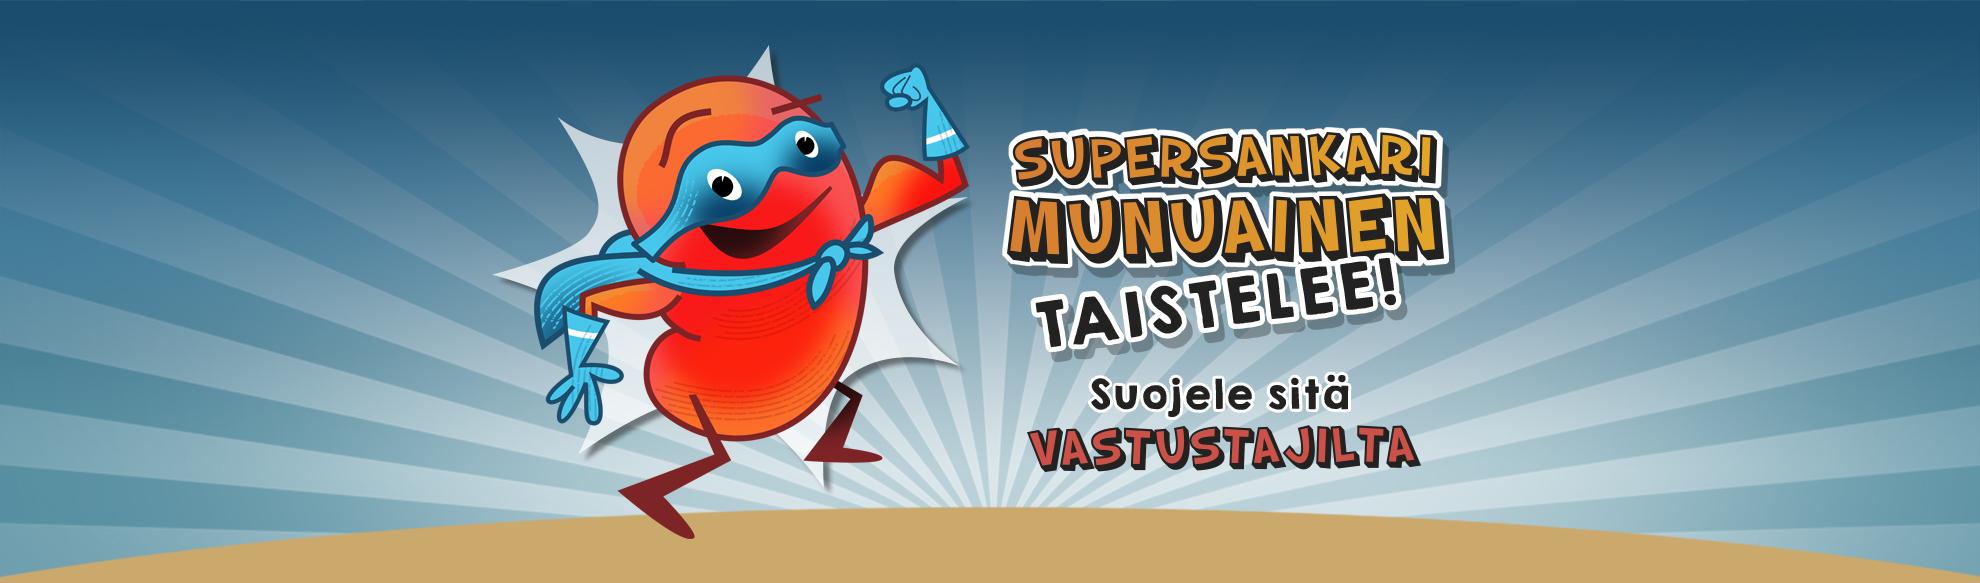 Supersankarimunuainen_etusivu1